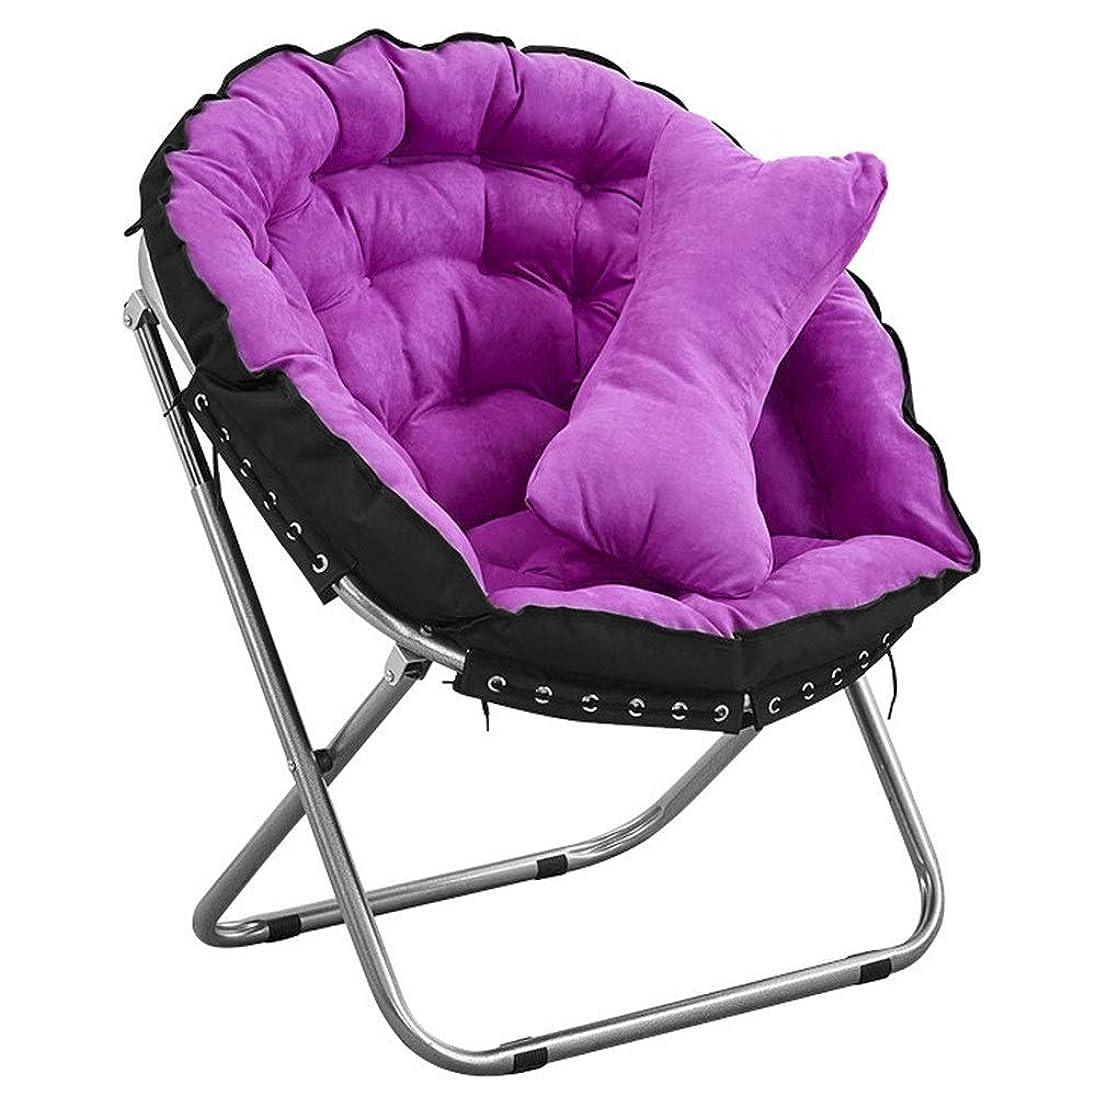 トランスミッション艦隊破壊的なソファコンパクト ソファー 低反発座椅子 ラウンドアームチェアアルミ折りたたみチェア大人用ムーンチェアレジャーキャンプハイキング旅行狩猟釣り (色 : 紫の, サイズ : 53*72*92cm)